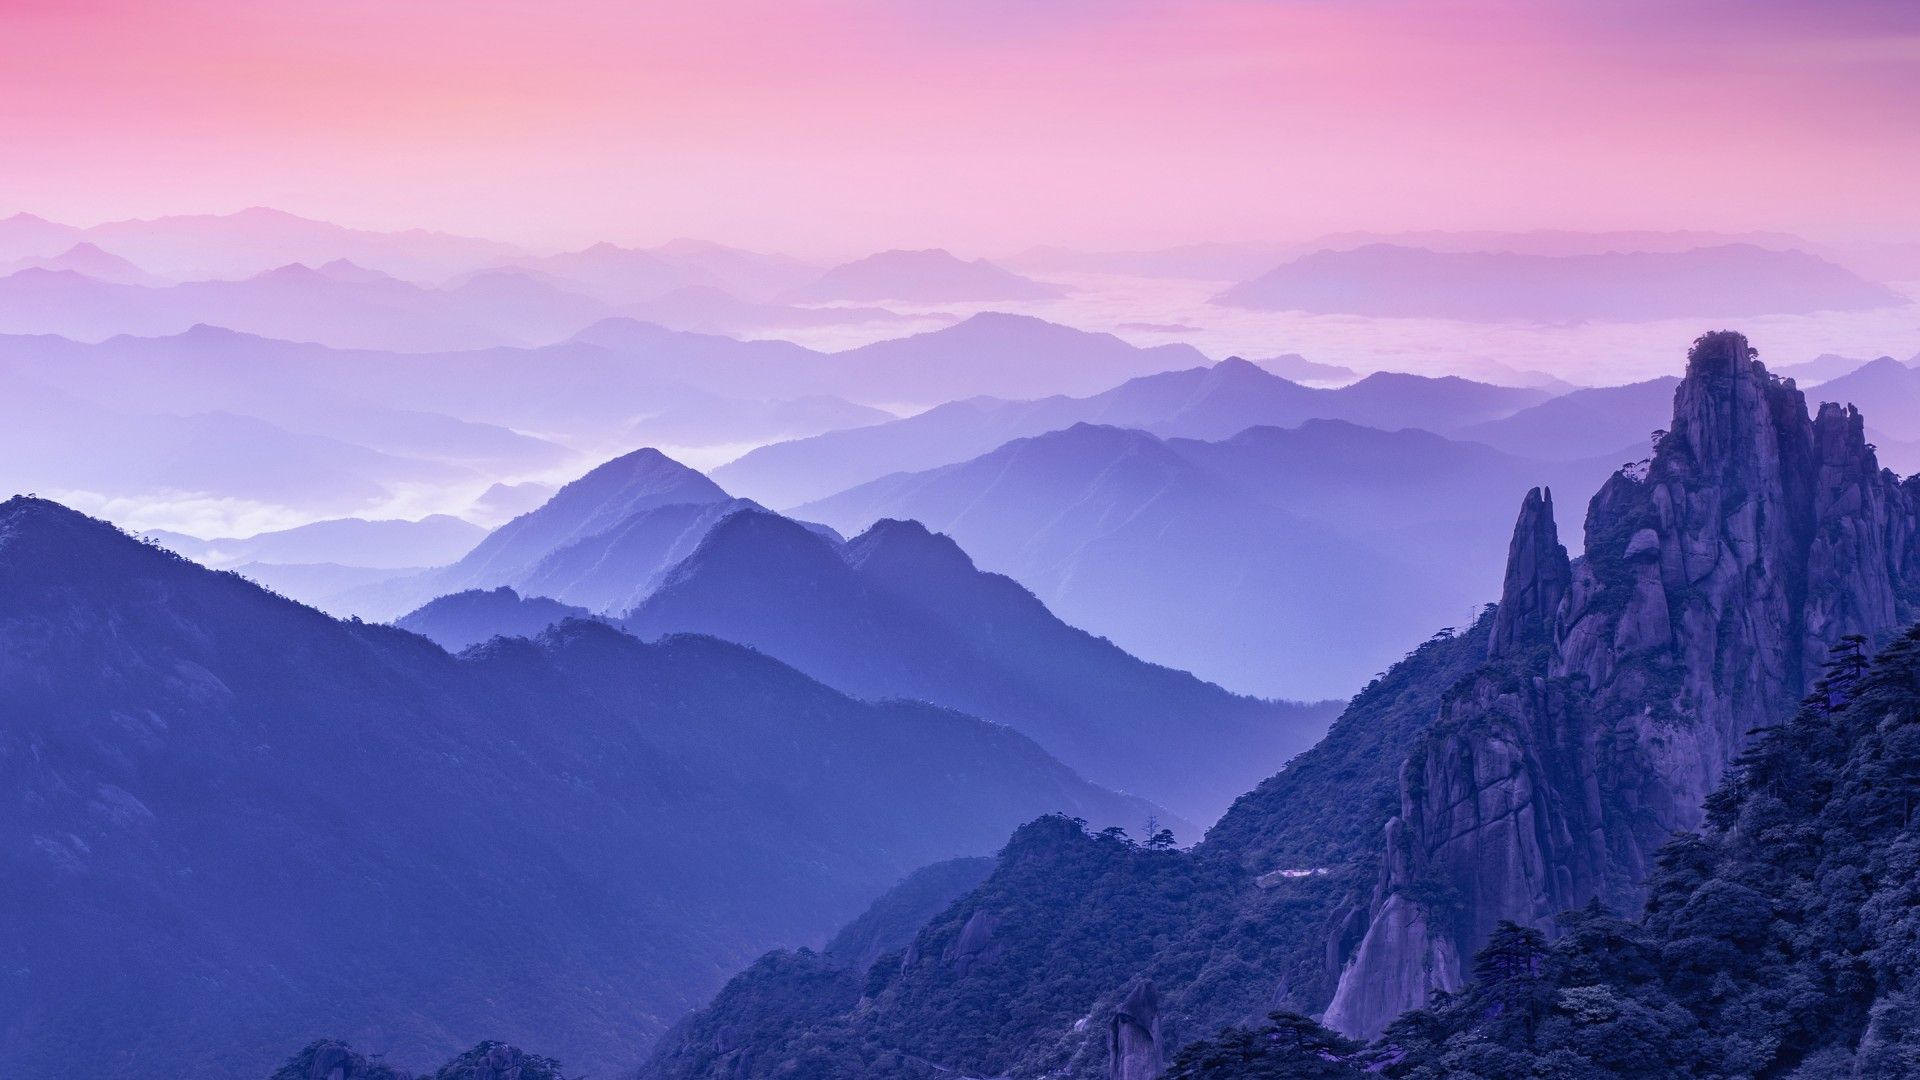 1920x1080 Dãy núi, Buổi sáng, Sương mù, Huawei Mate 10, Cổ phần, HD